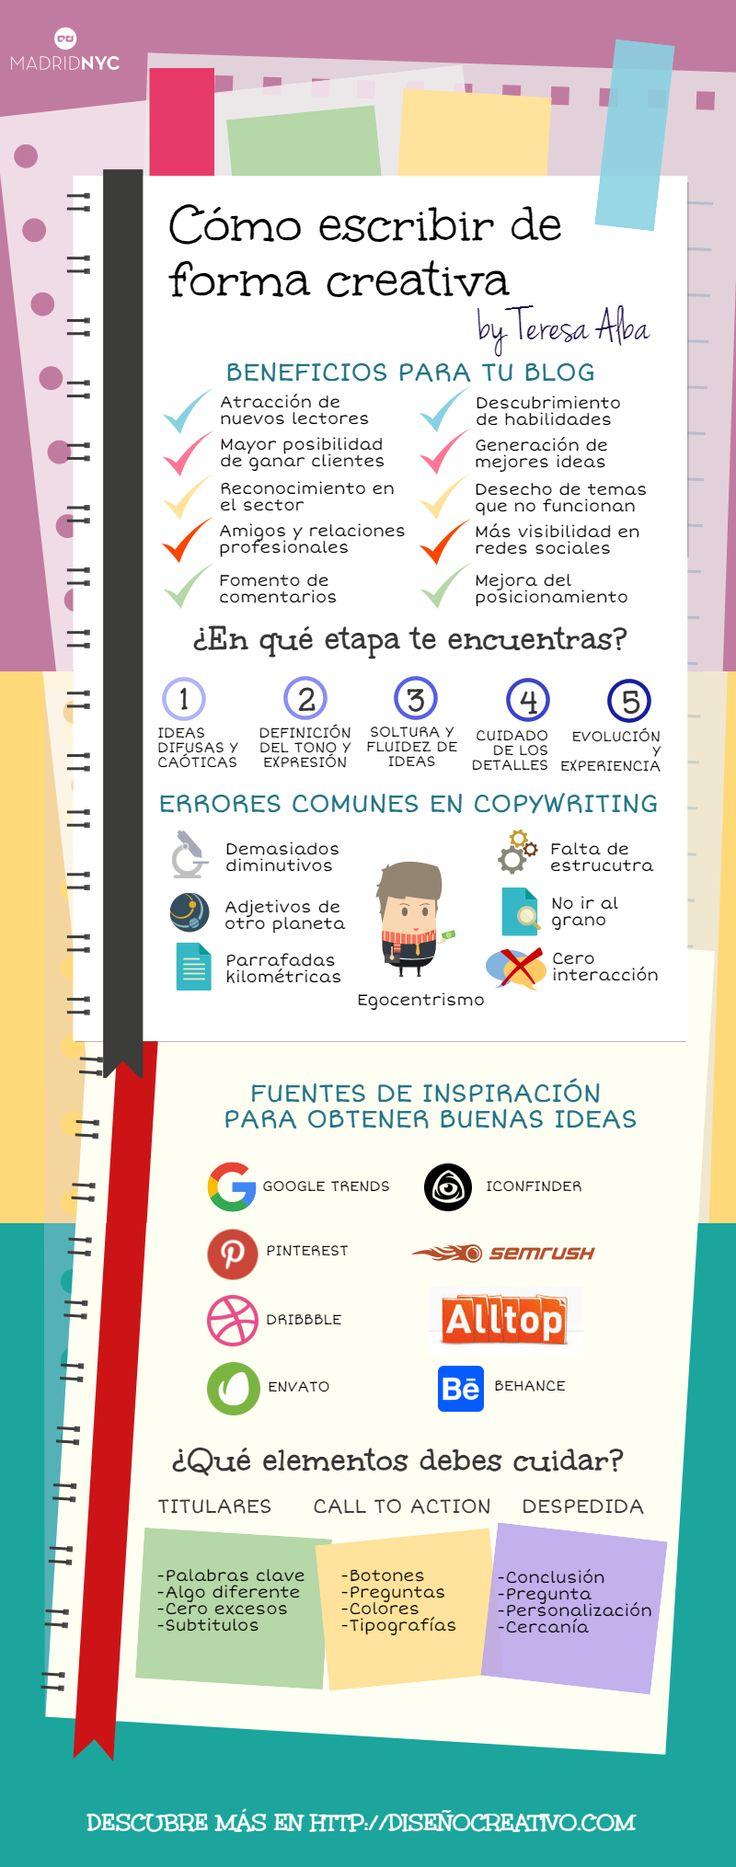 Cómo escribir con creatividad #infografía de @Teresalbalv